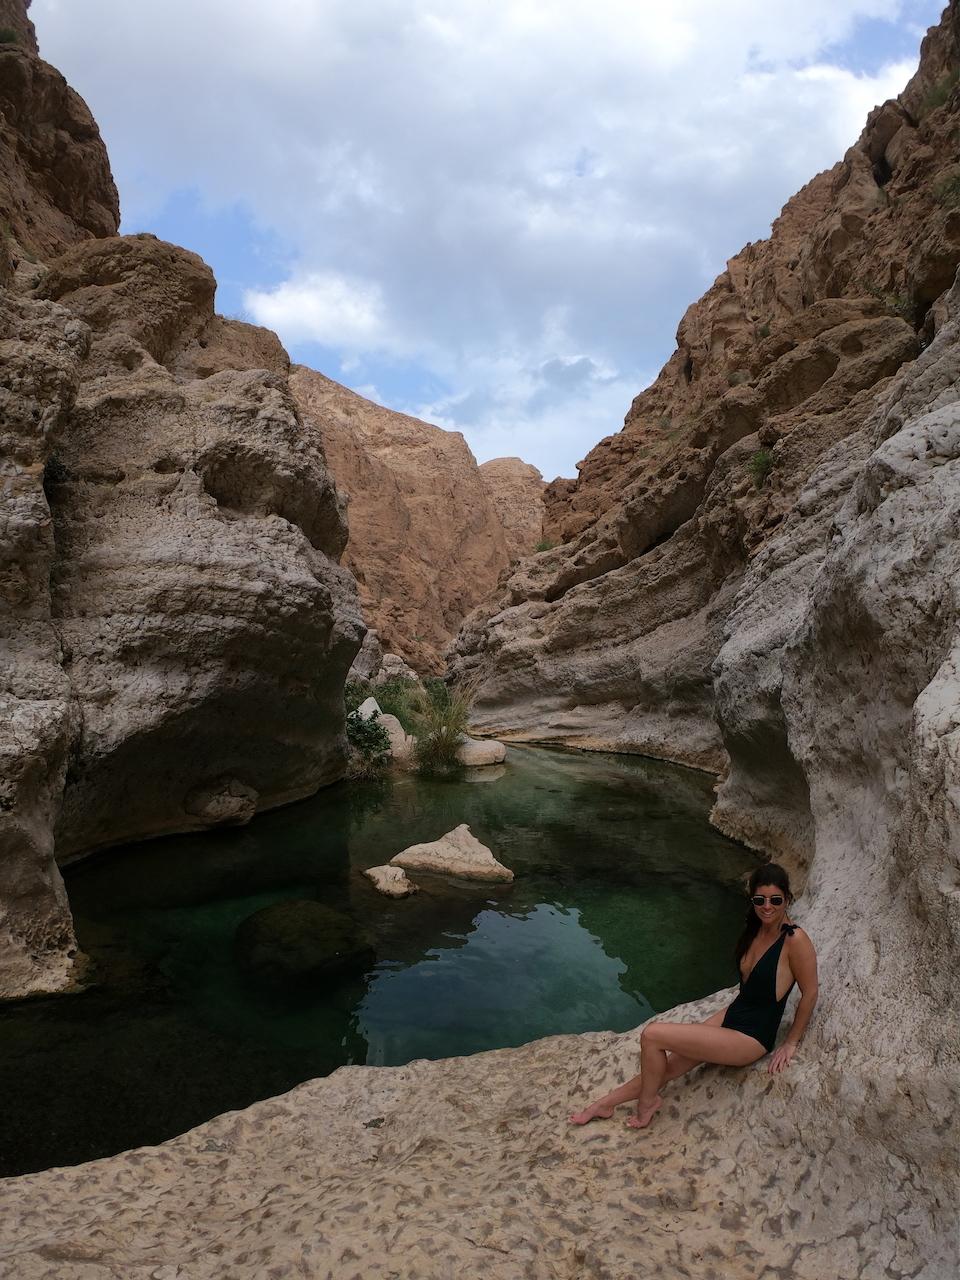 Hoe kom je bij Wadi Shab? kaart rondreis Oman - de bezienswaardigheden en beste reisroute voor 9 dagen.